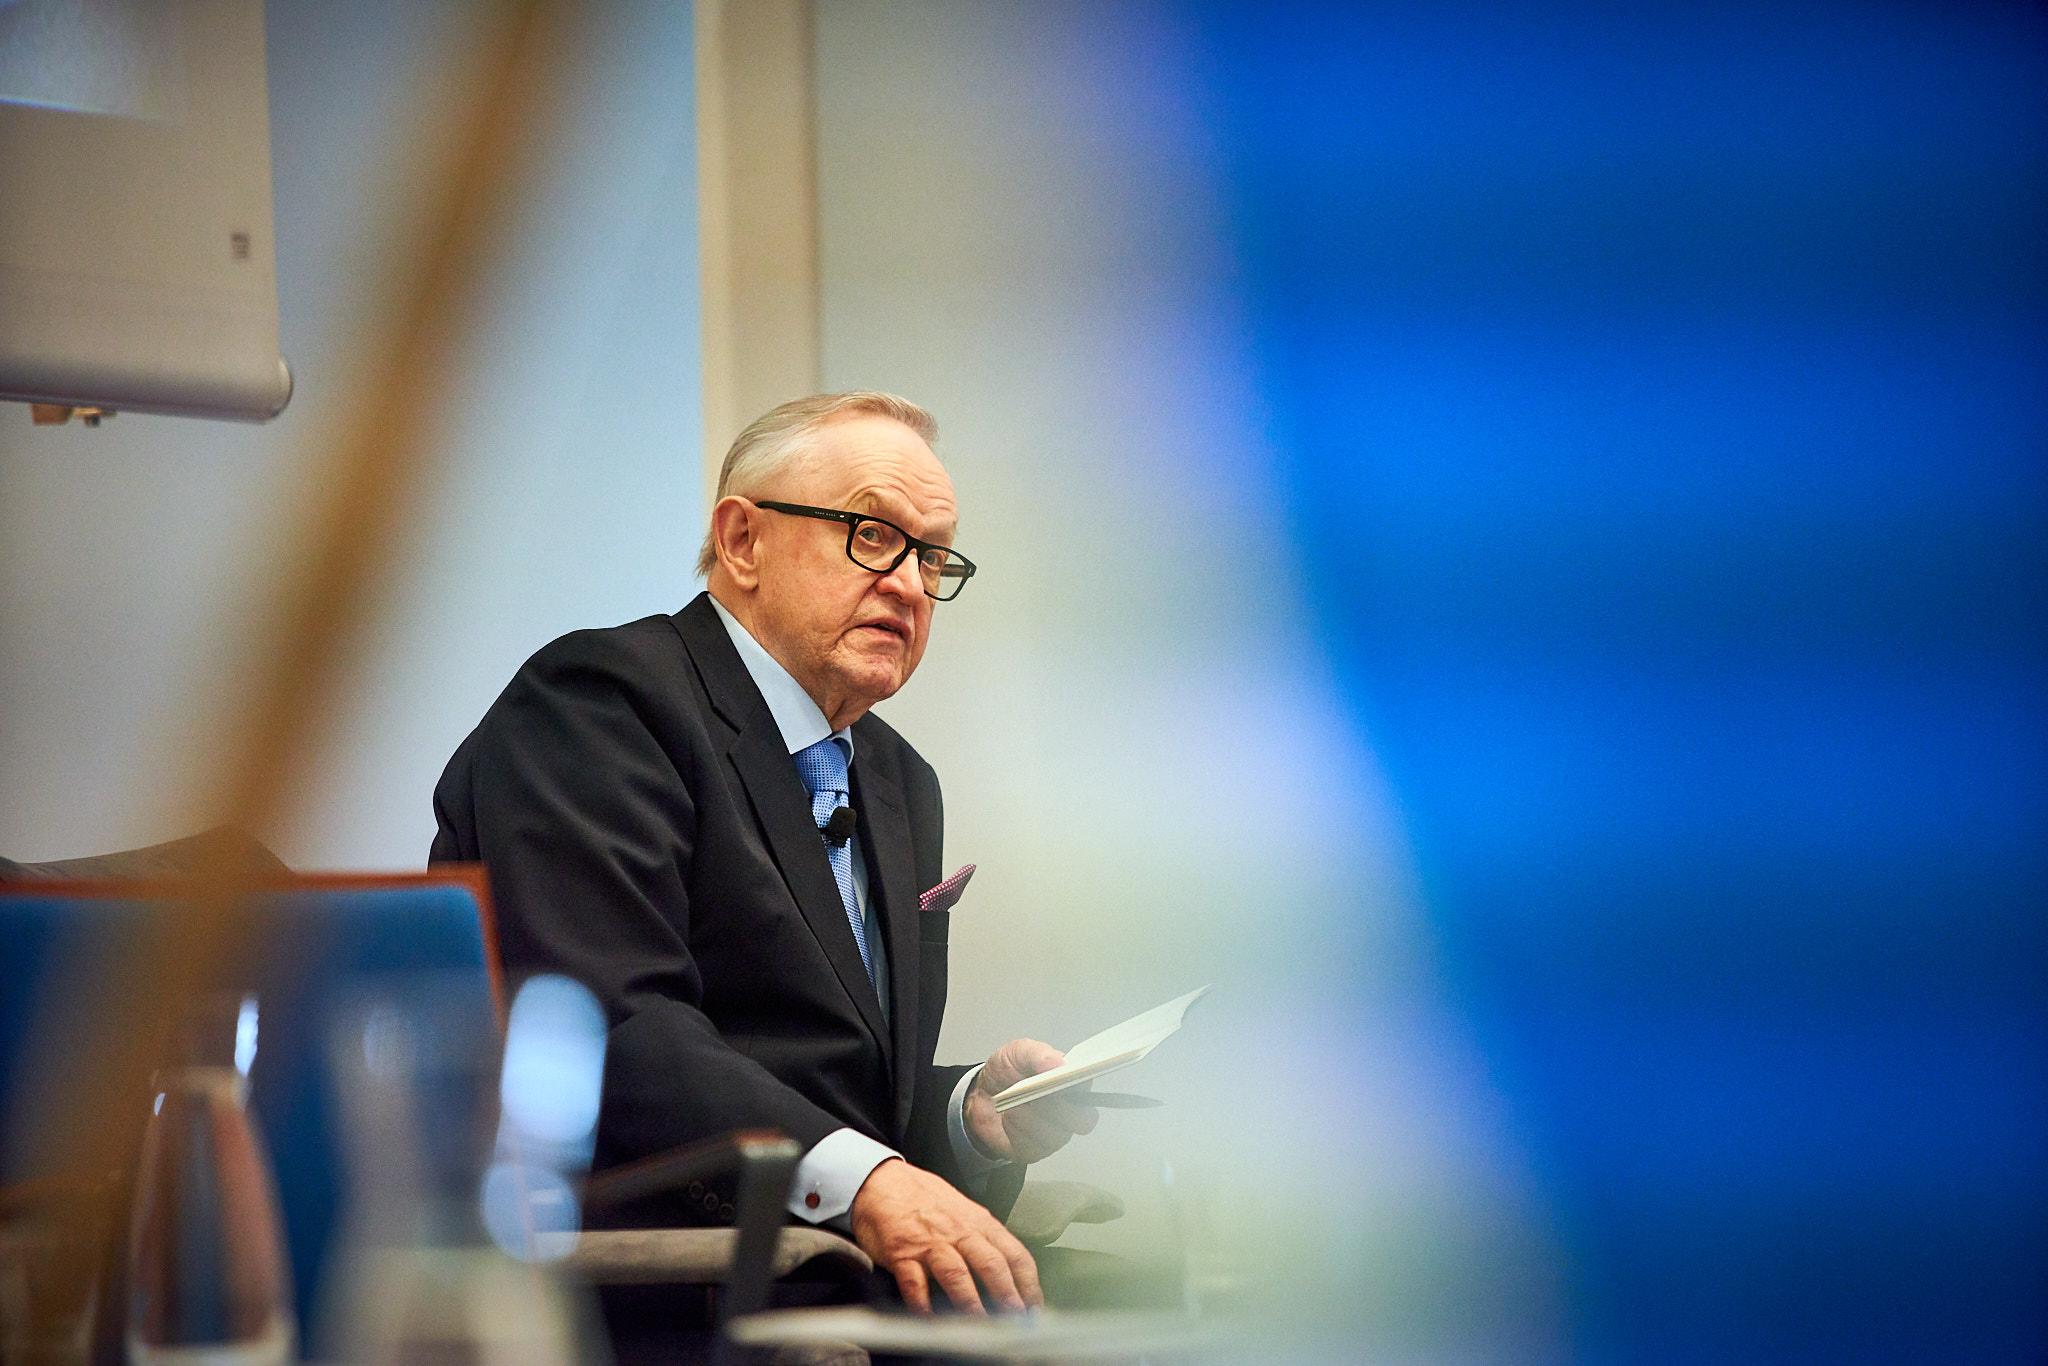 Presidentti Ahtisaari Maailma Nyt! -huippufoorumissa 23.5.2018